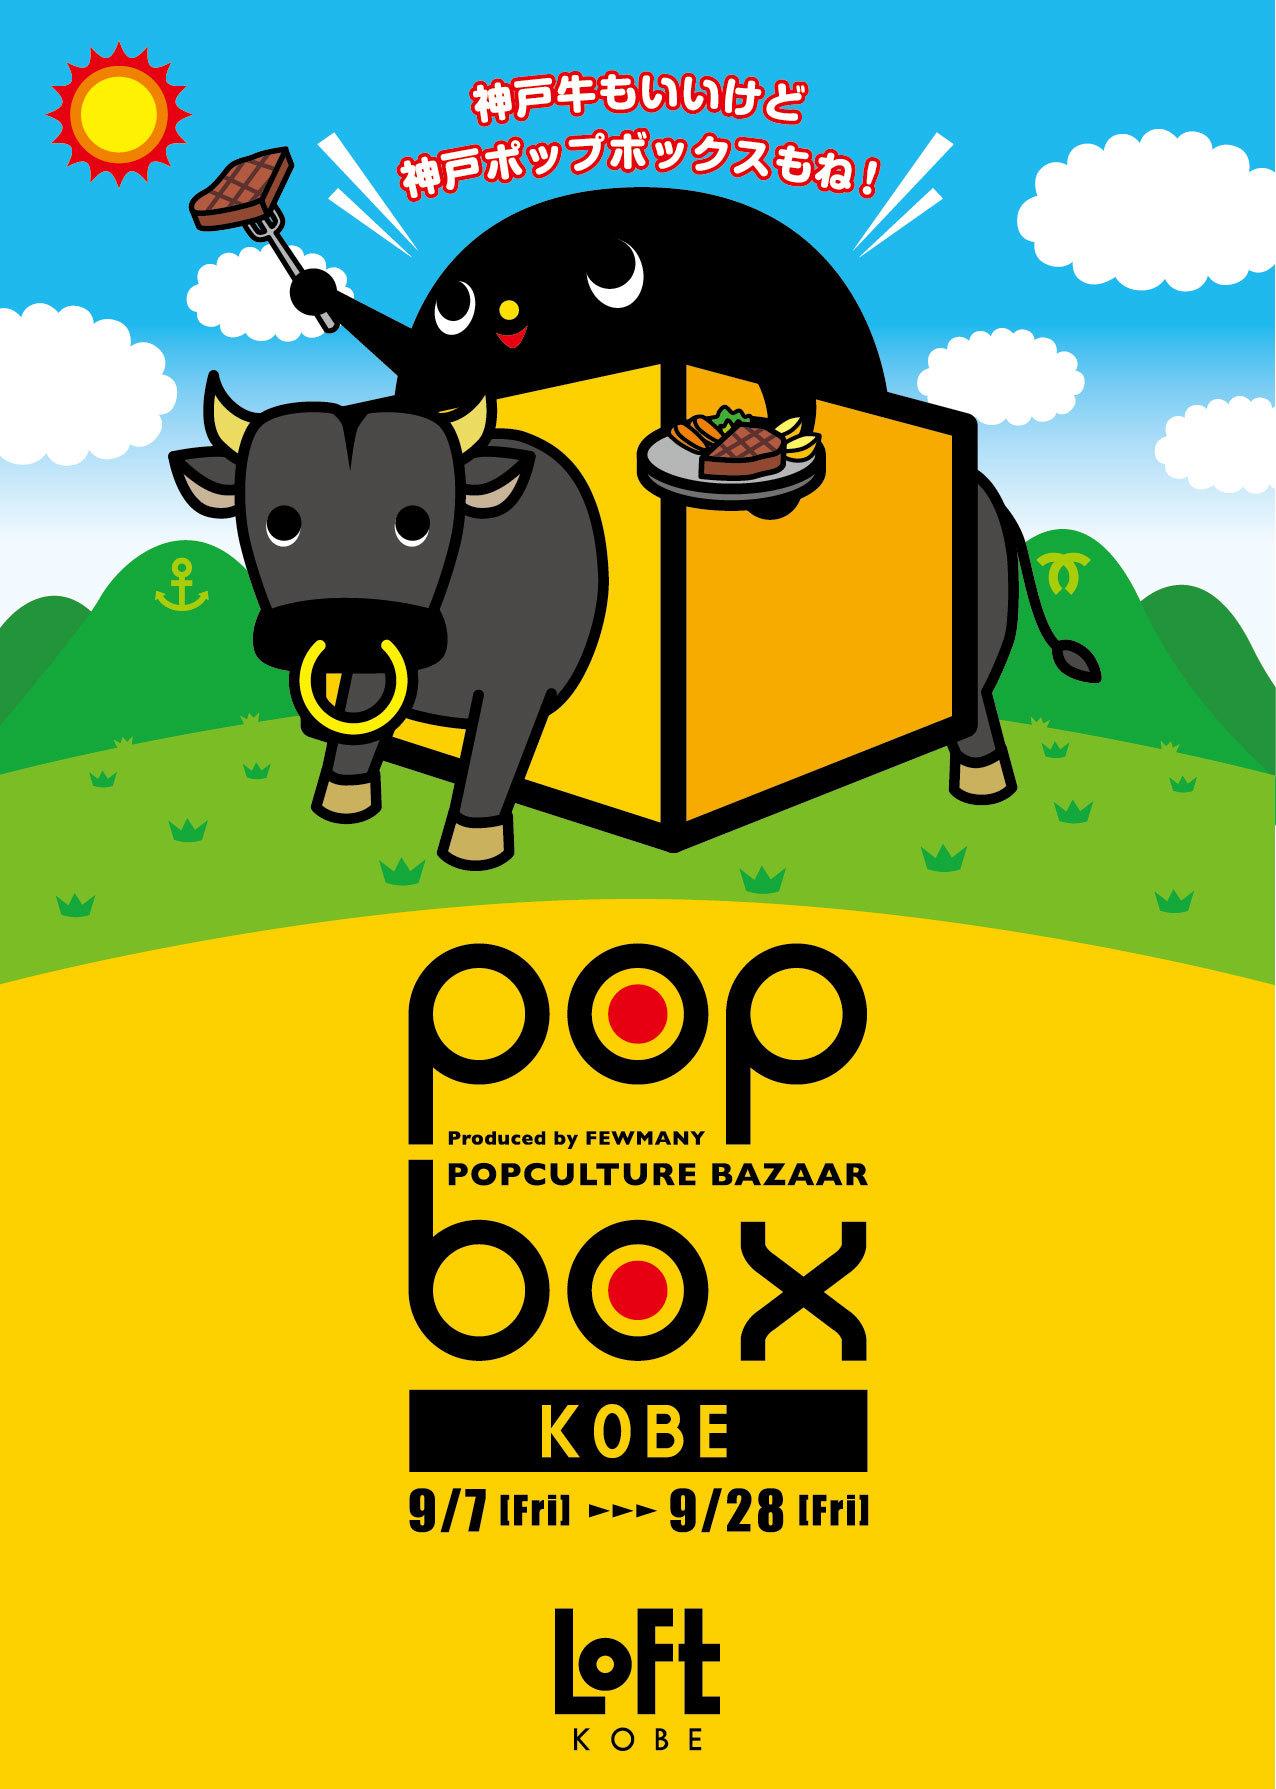 神戸ロフトPOPBOX 各作家様イベントのご案内!_f0010033_13002156.jpg